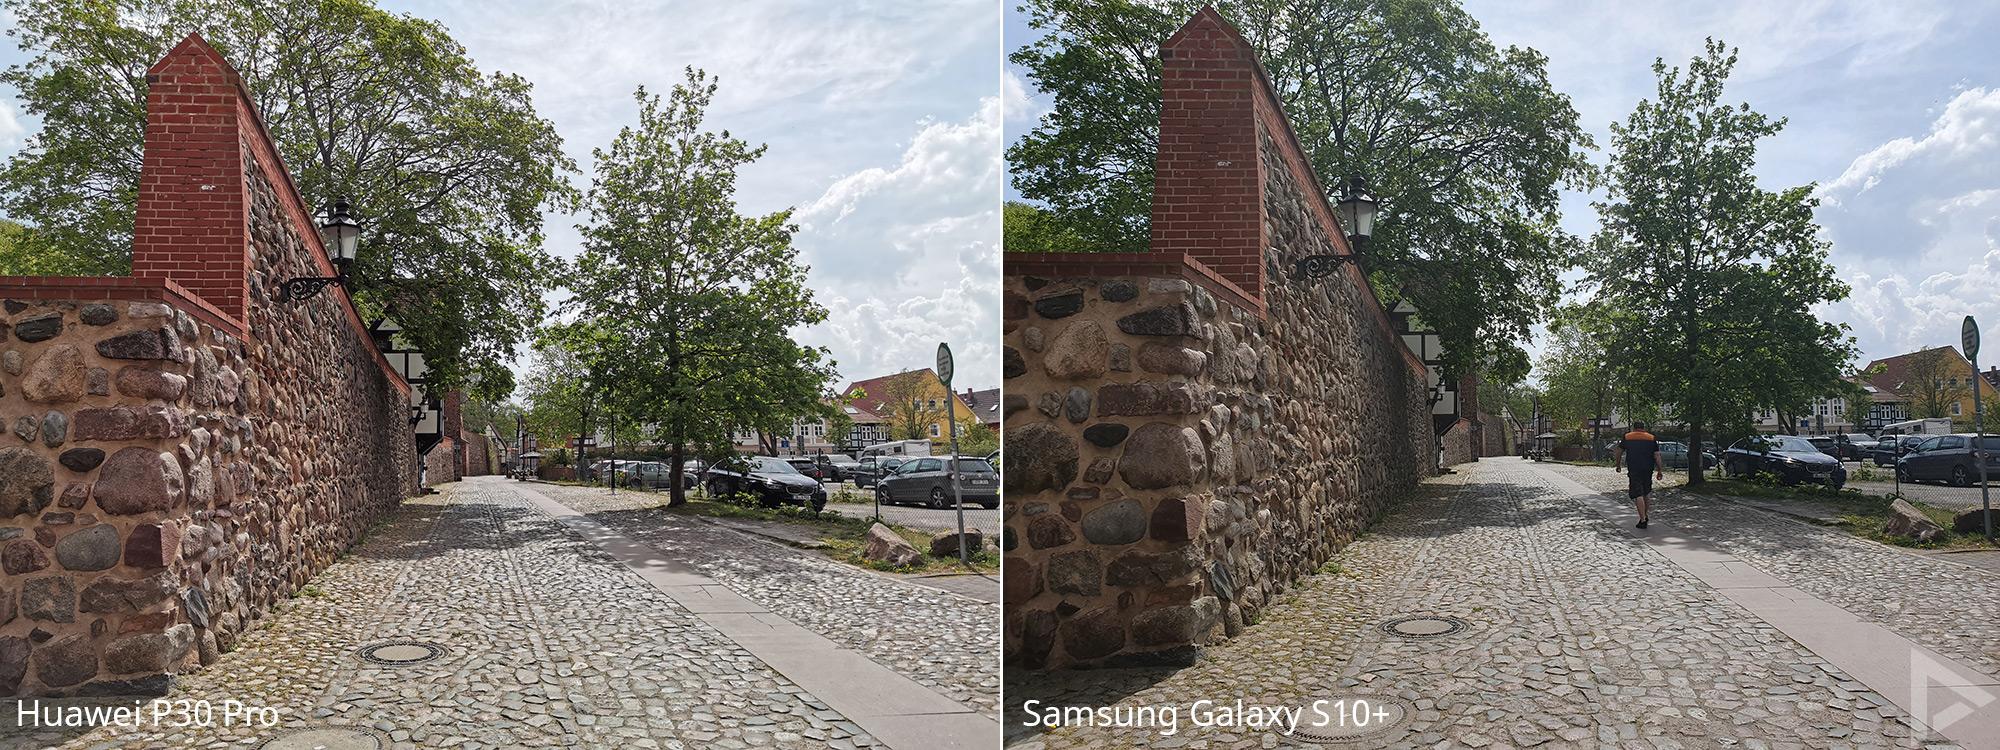 Fotovergelijking Huawei P30 Pro - Samsung Galaxy S10 9